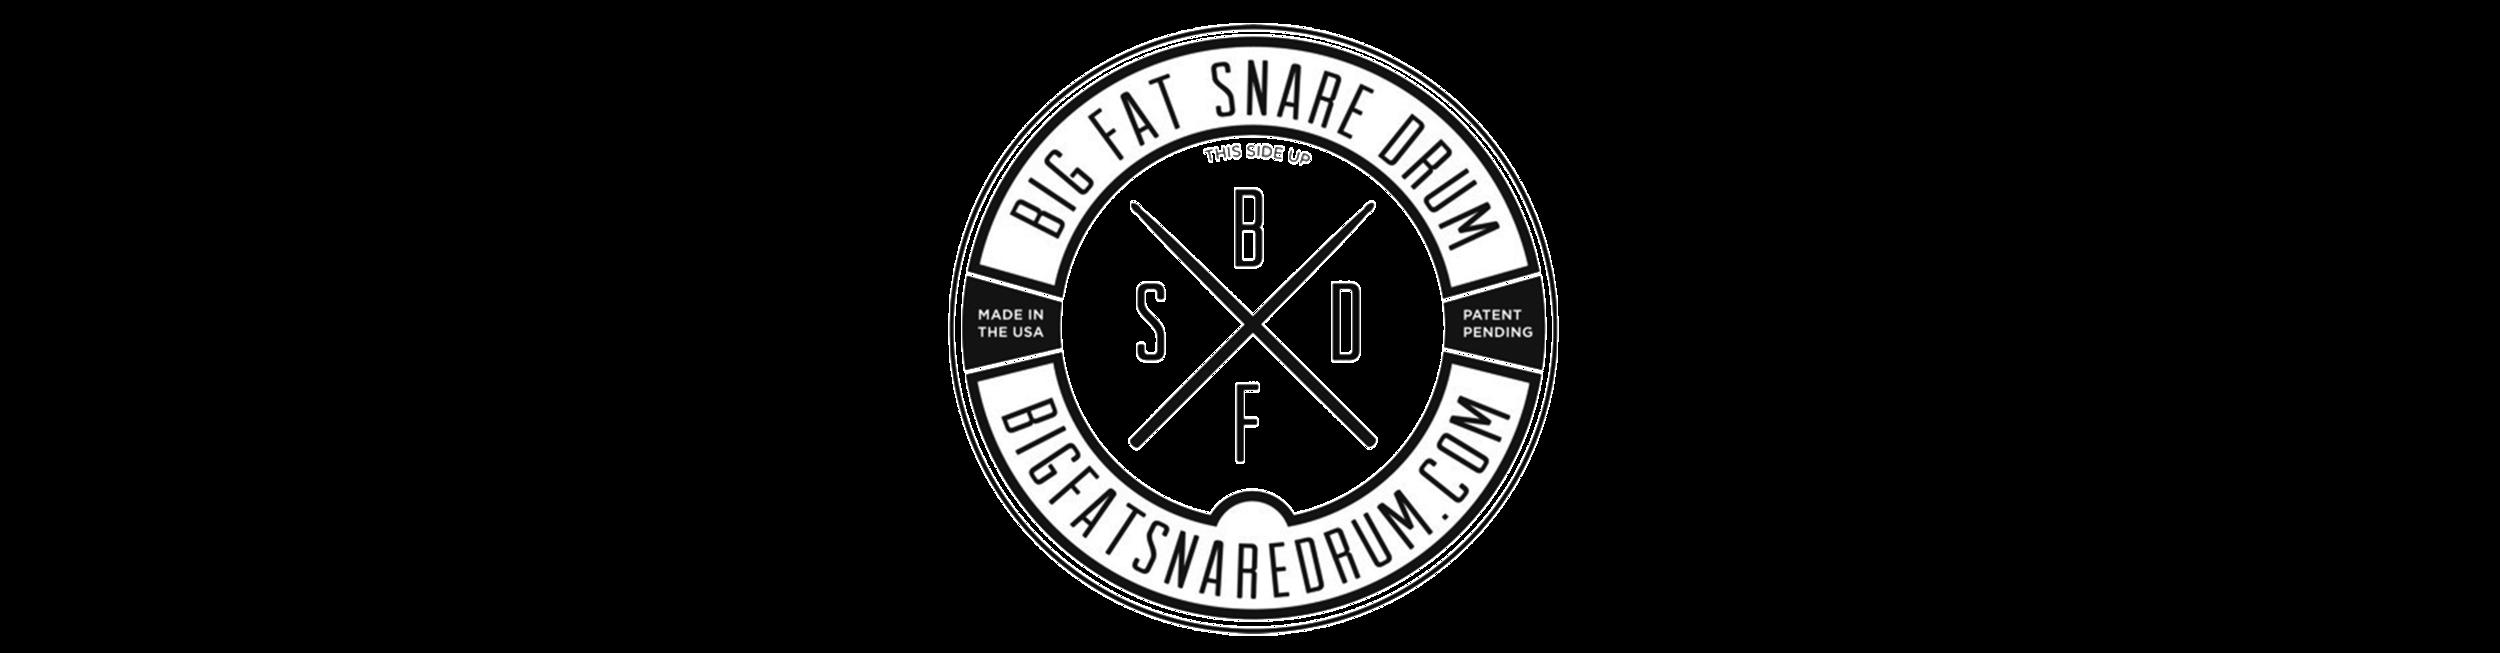 Productos - Big Fat Snare Drum